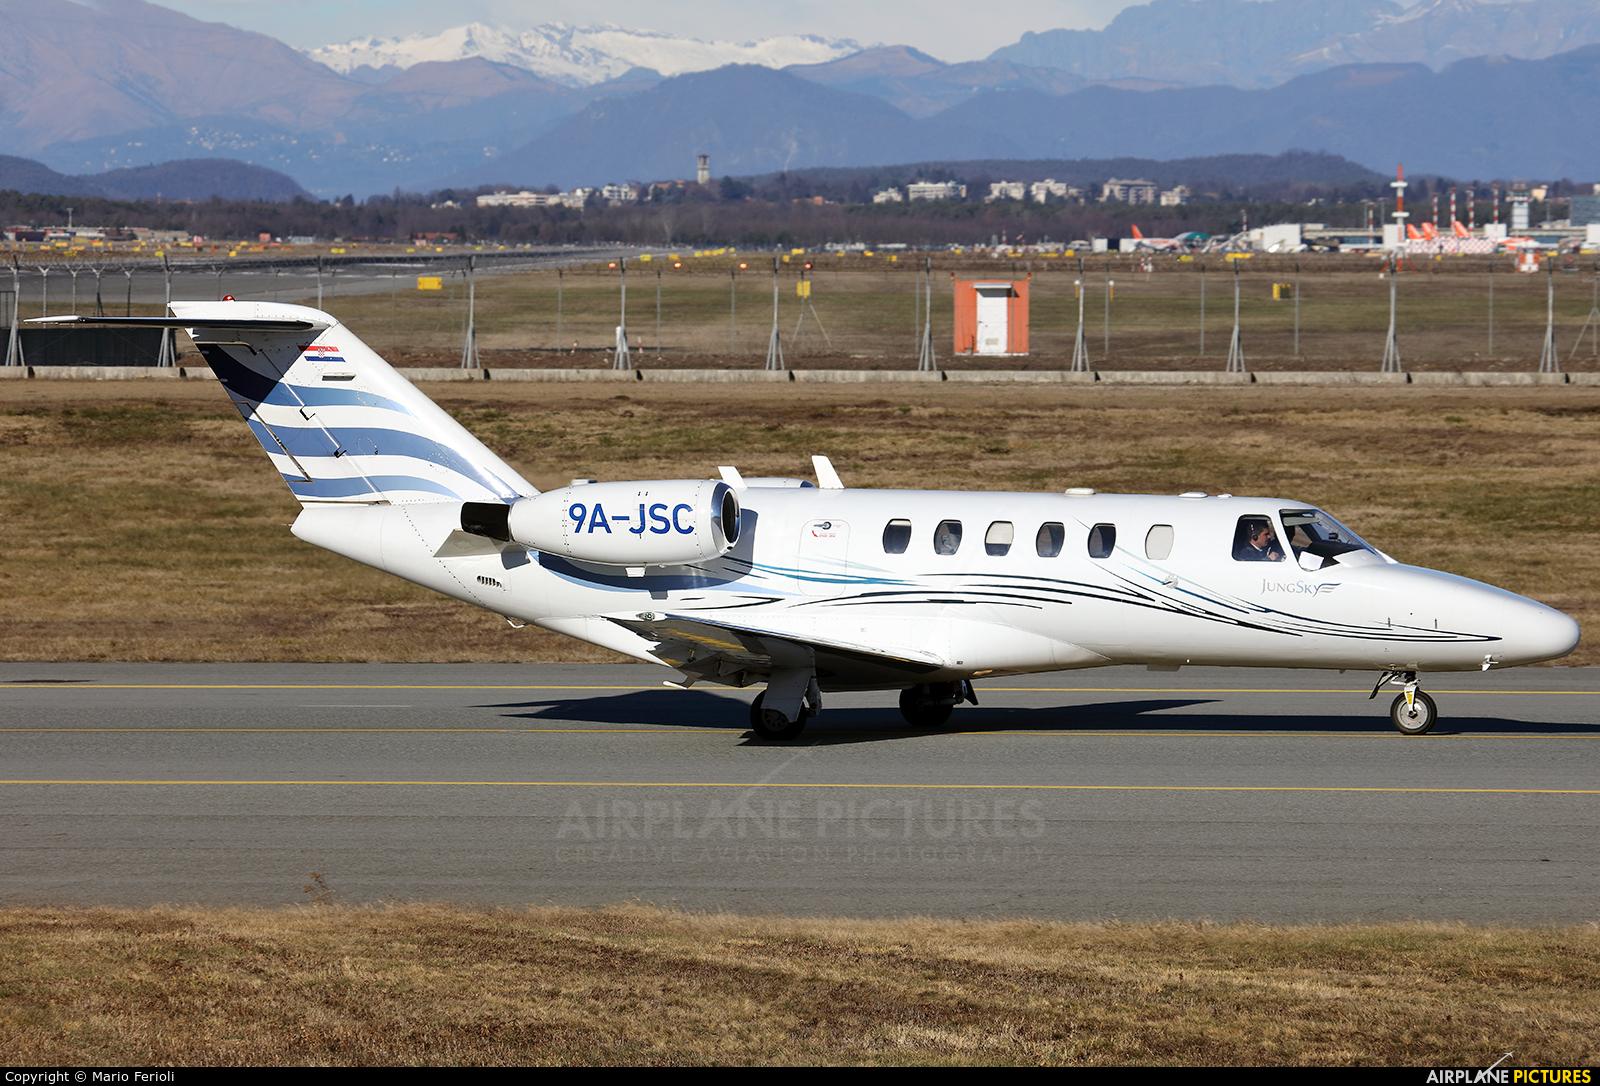 Jung Sky 9A-JSC aircraft at Milan - Malpensa